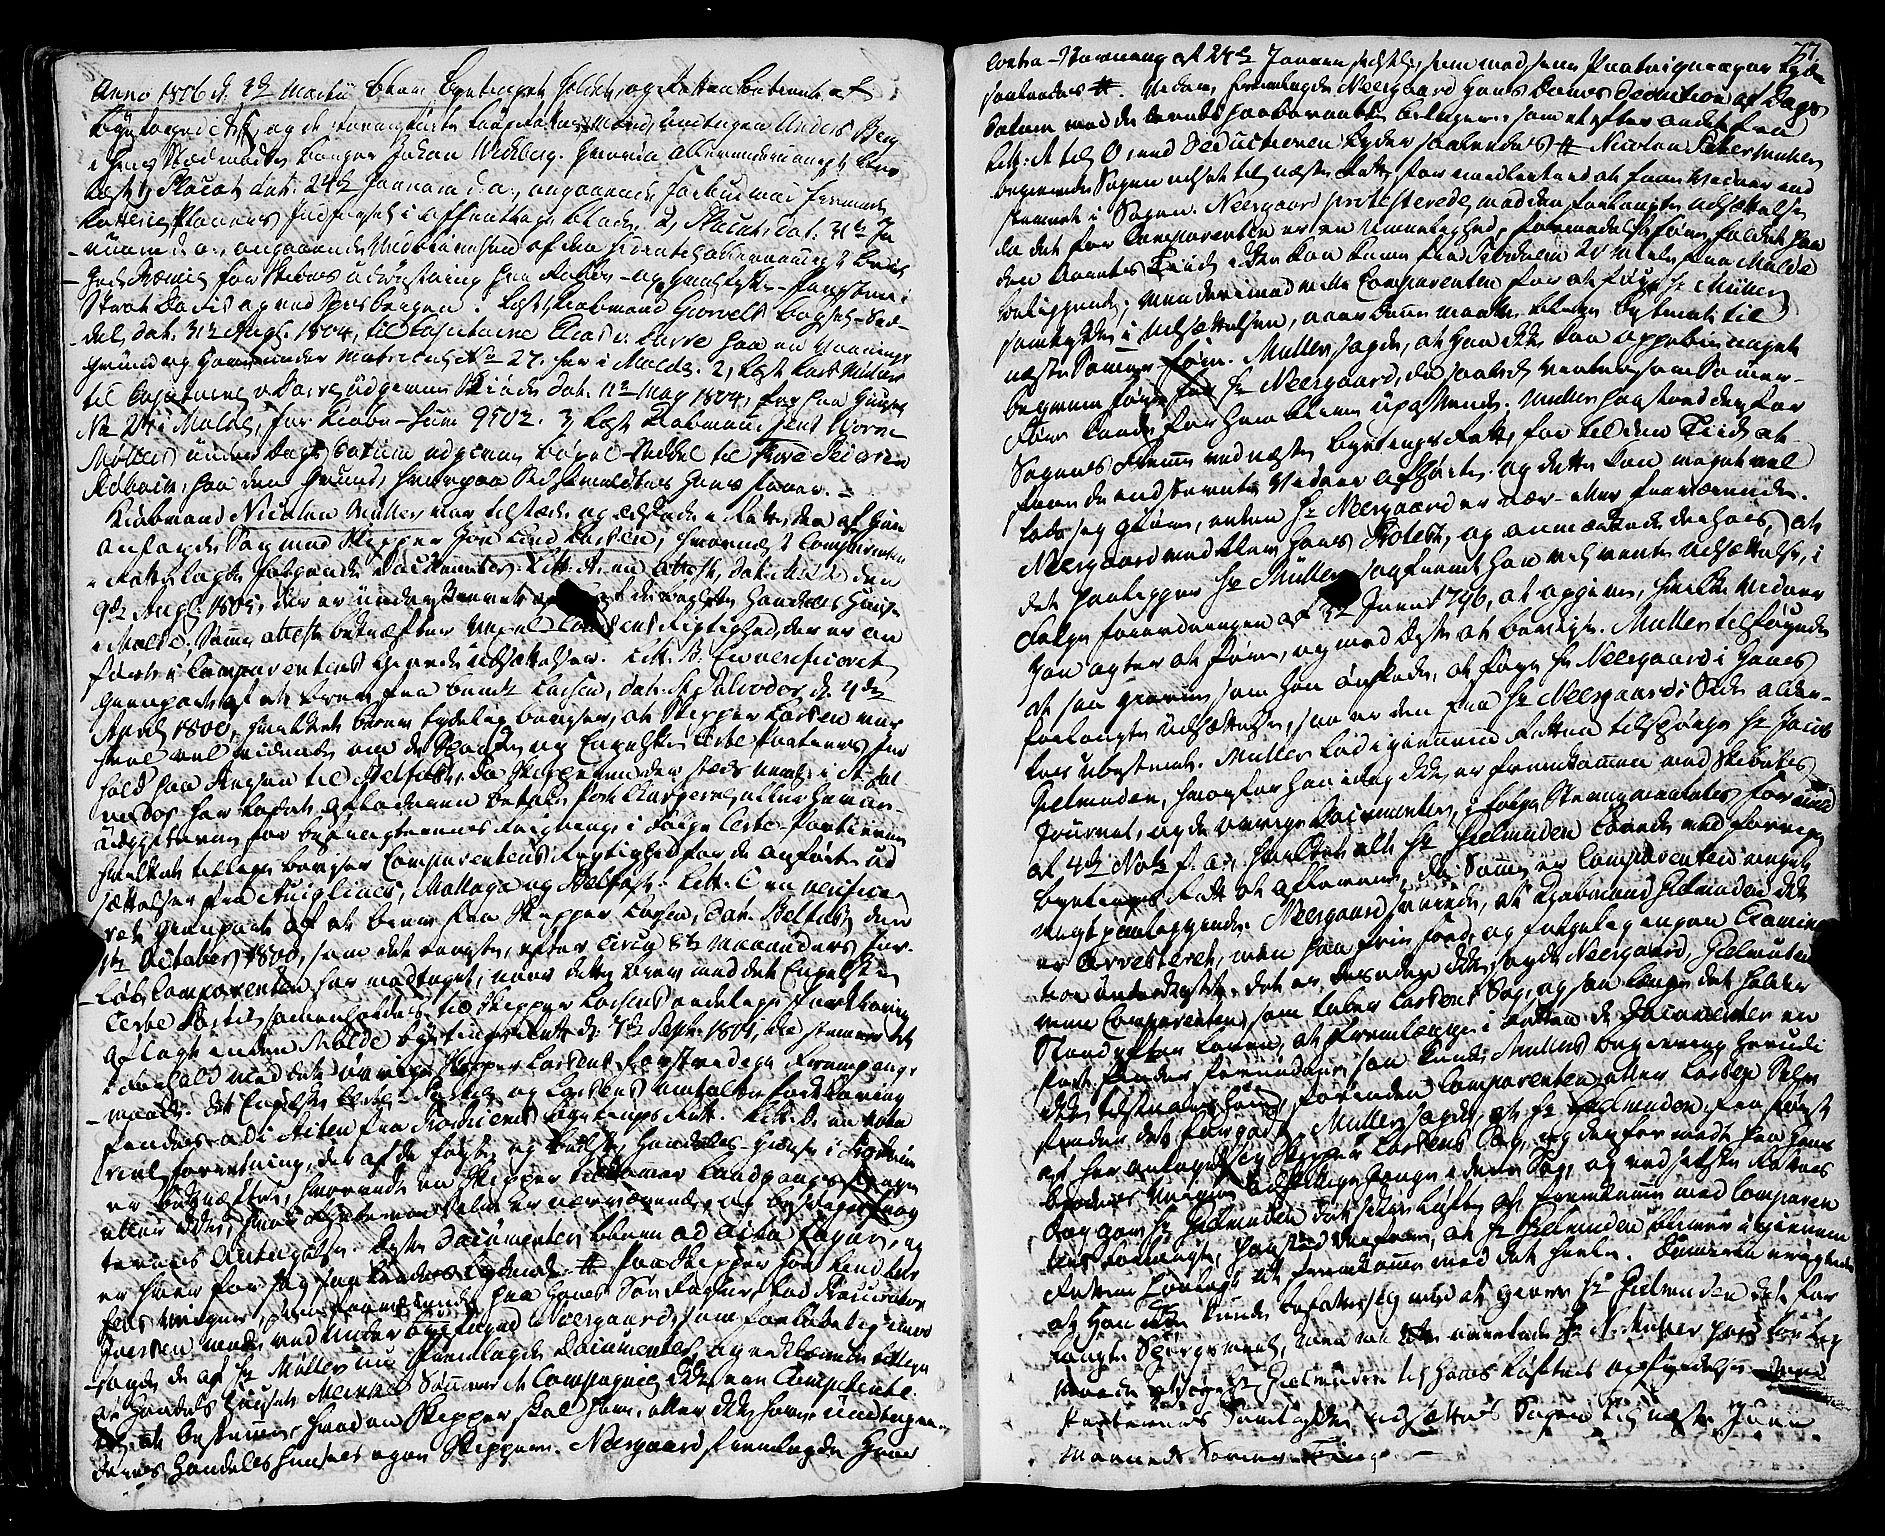 SAT, Molde byfogd, 1/1A/L0002: Justisprotokoll, 1797-1831, s. 76b-77a